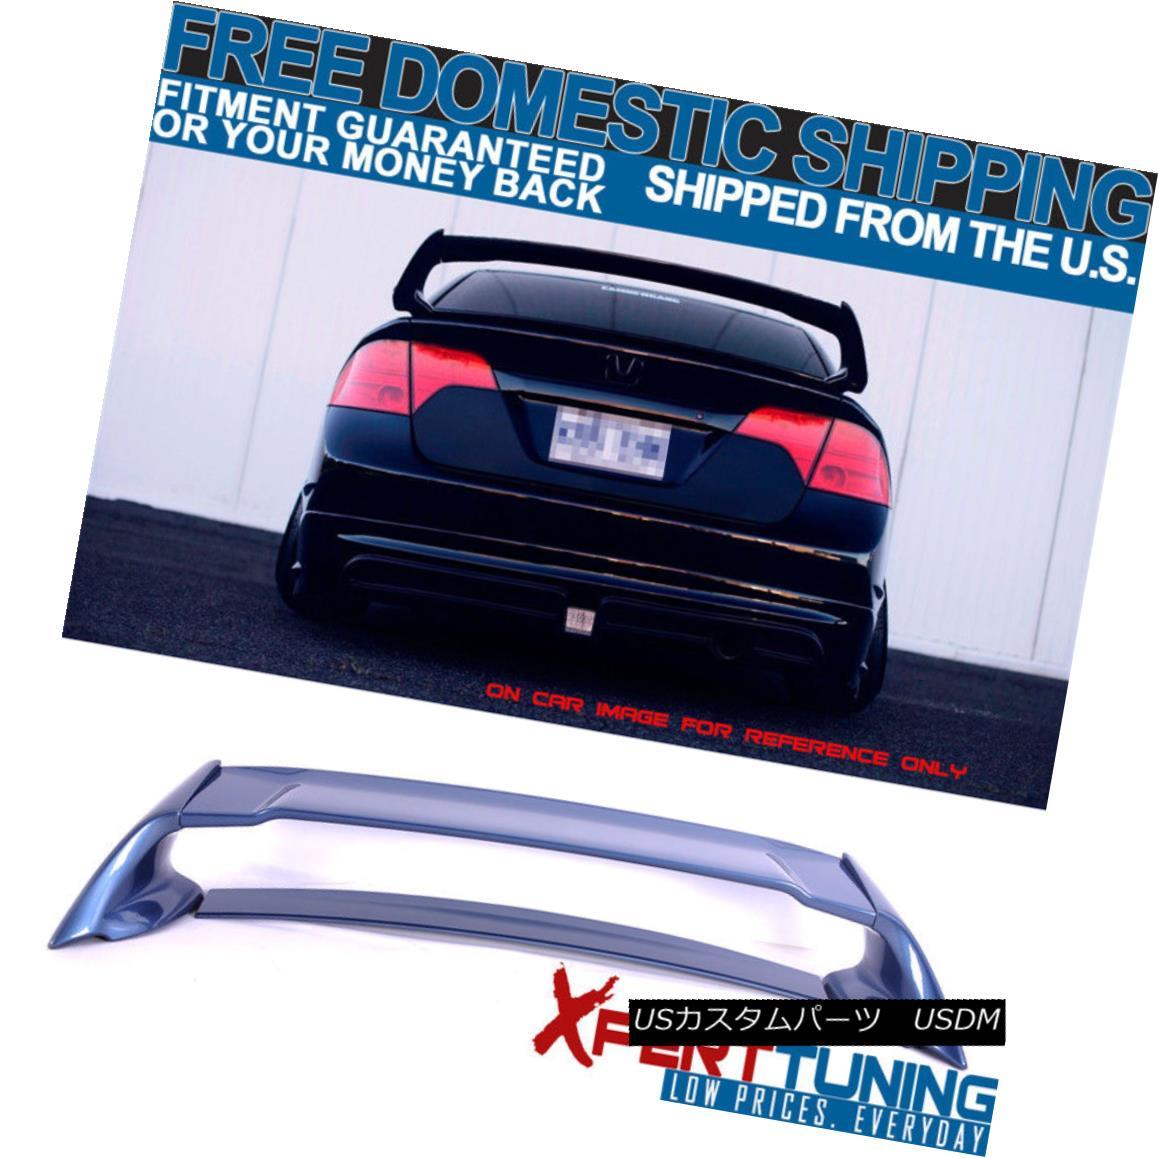 エアロパーツ Fit For 06-11 Honda Civic 4Dr Mugen ABS Trunk Spoiler Painted Atomic Blue Metall ホンダシビック4Dr Mugen ABSトランク・スポイラー、アトミック・ブルー・メタルを塗装